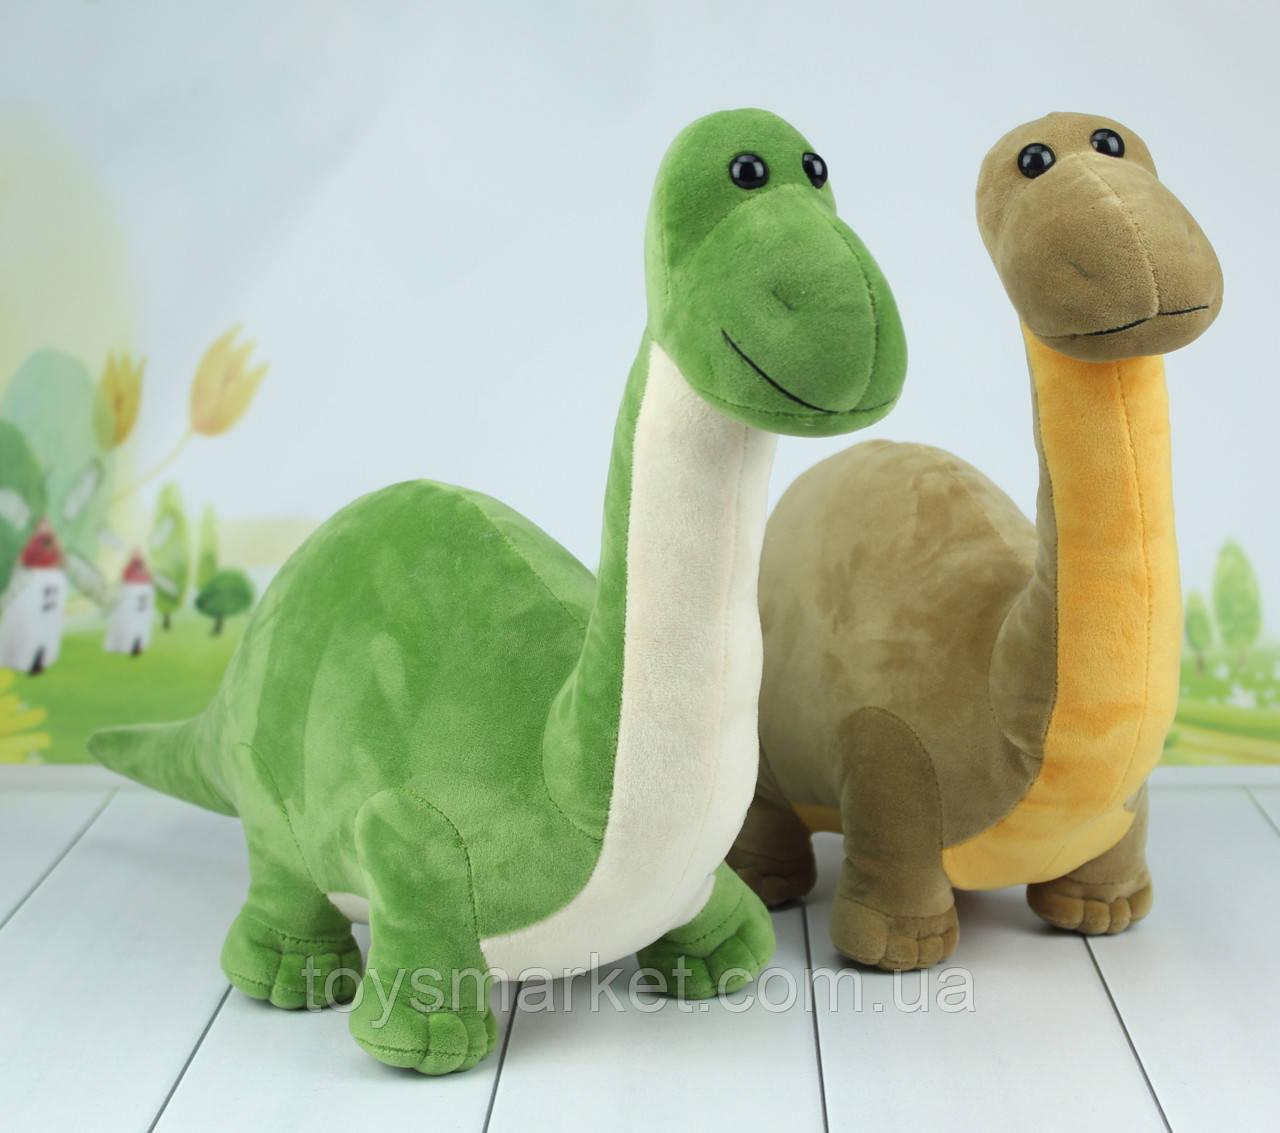 М'яка іграшка Динозавр, плюшевий динозавр, 34 див.